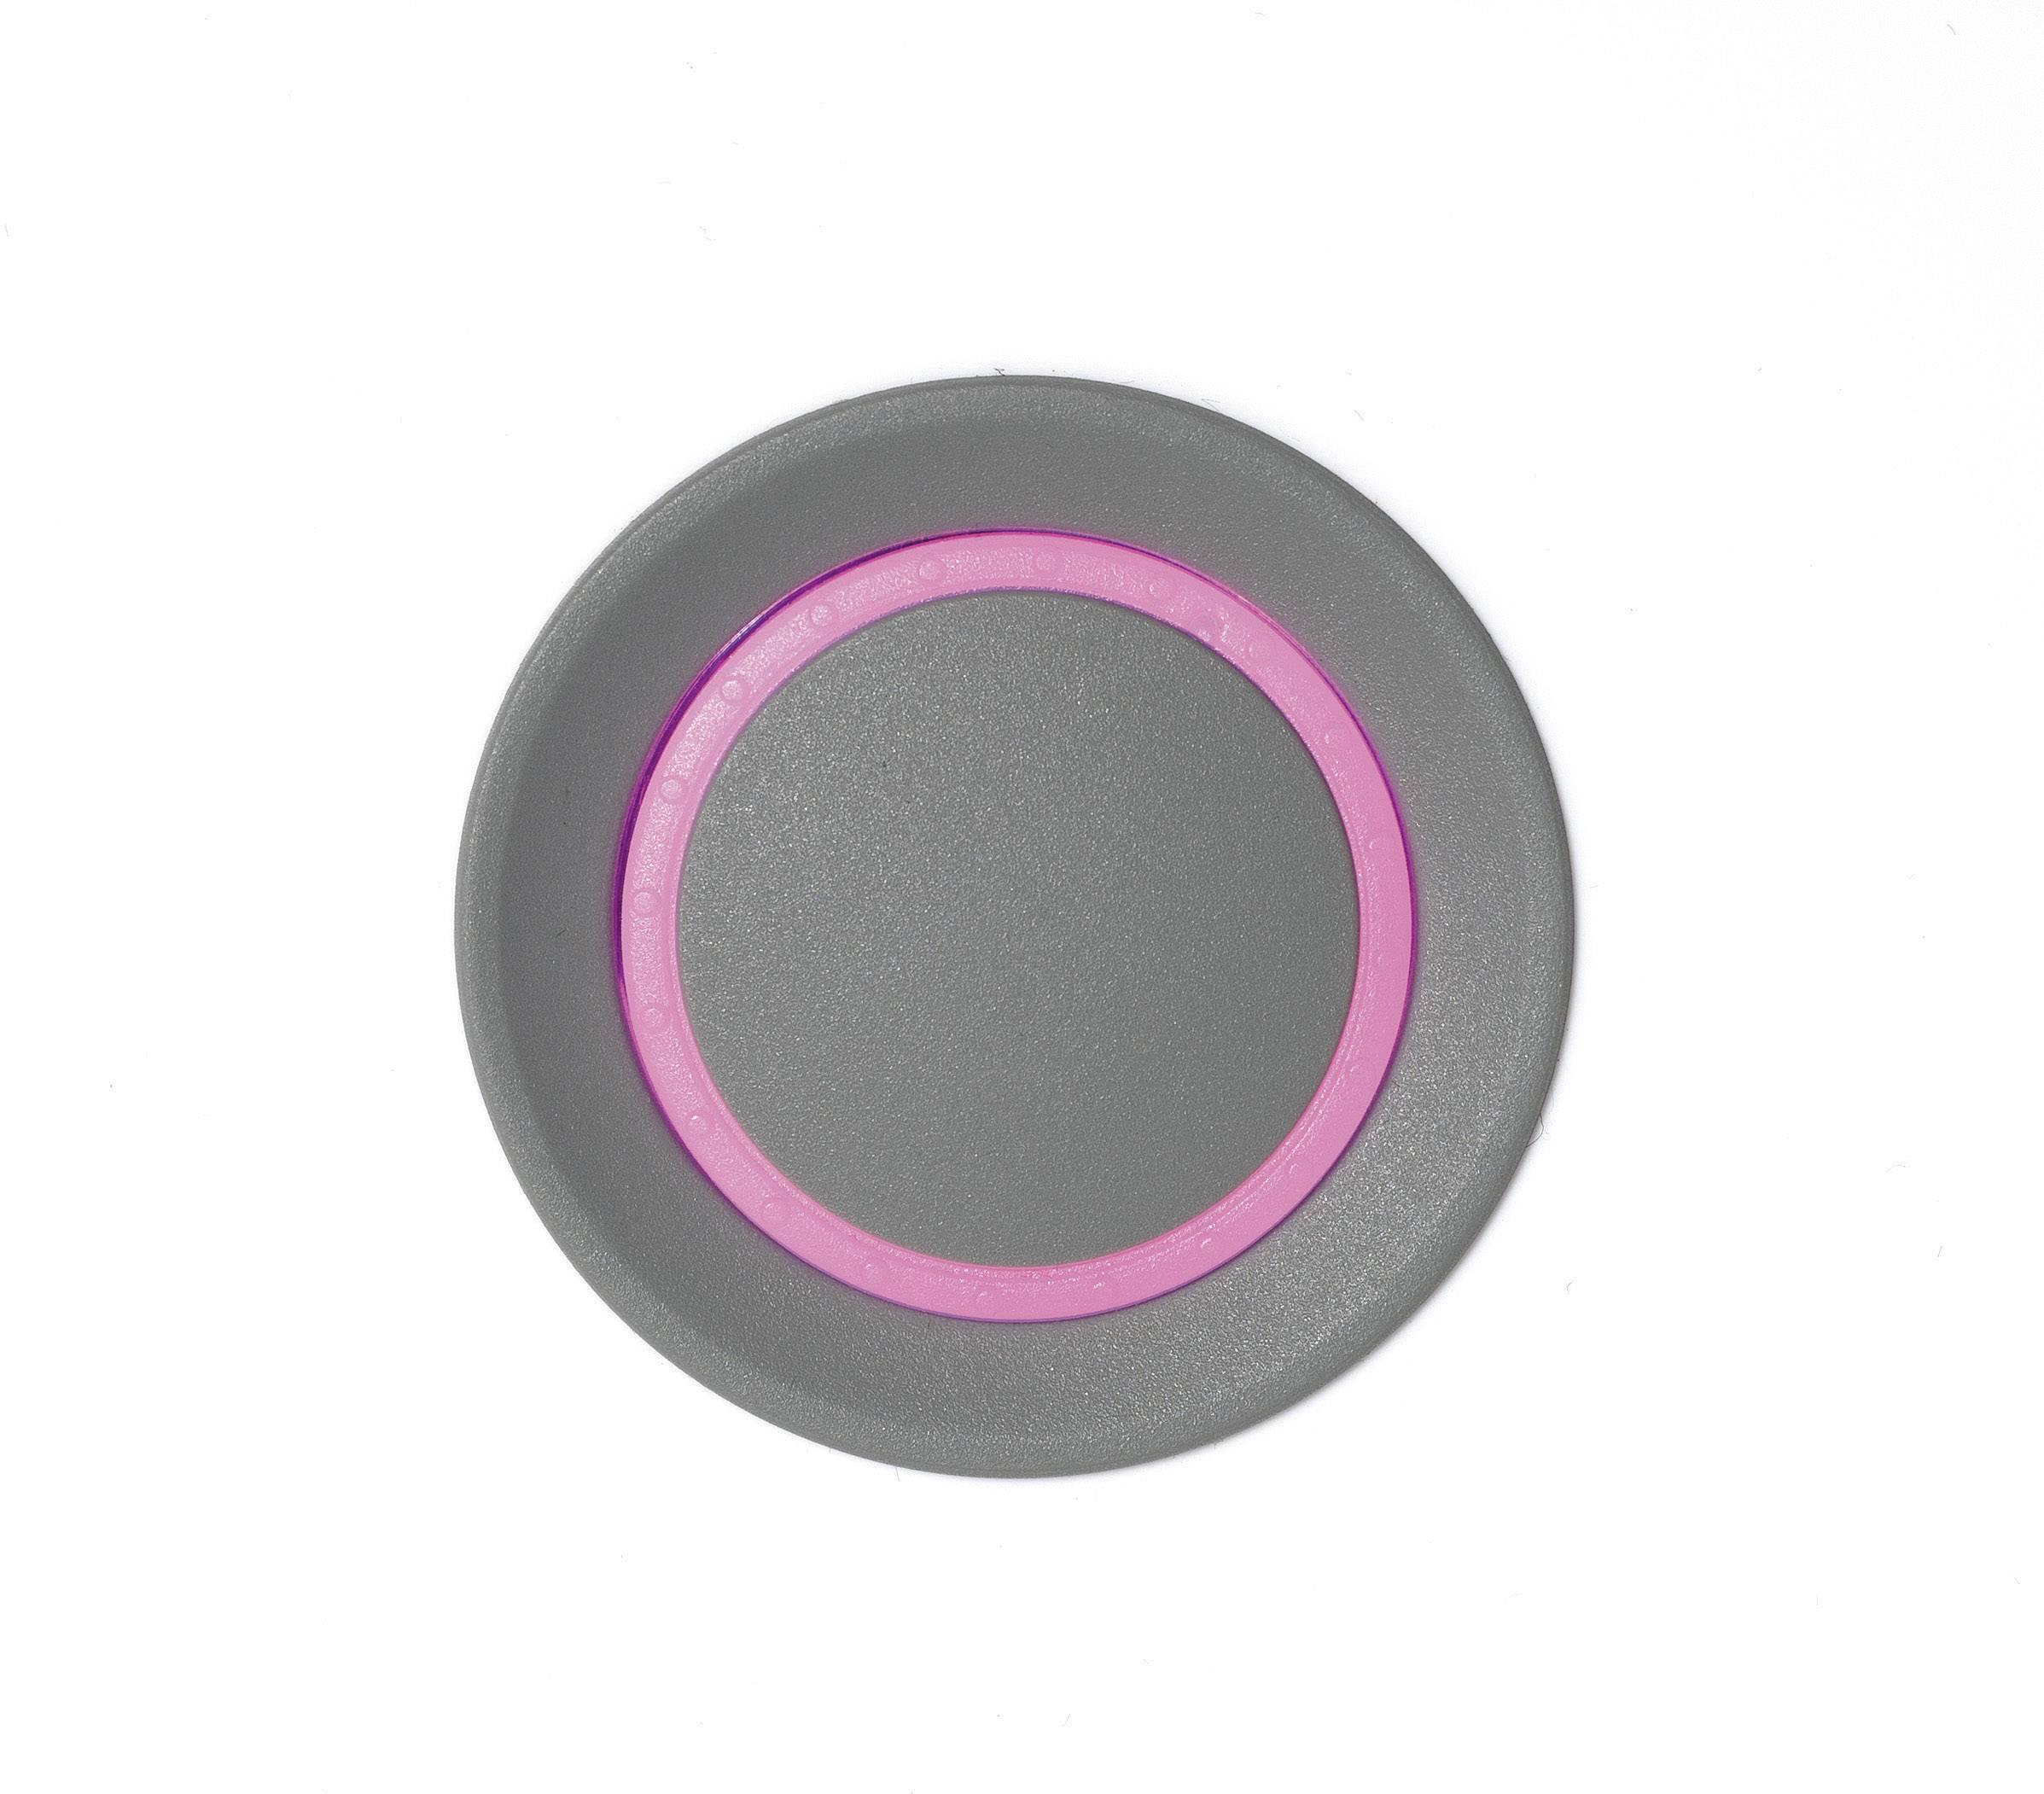 Ovládácí knoflík OKW D8733028, 6 mm, podsvícení RGB